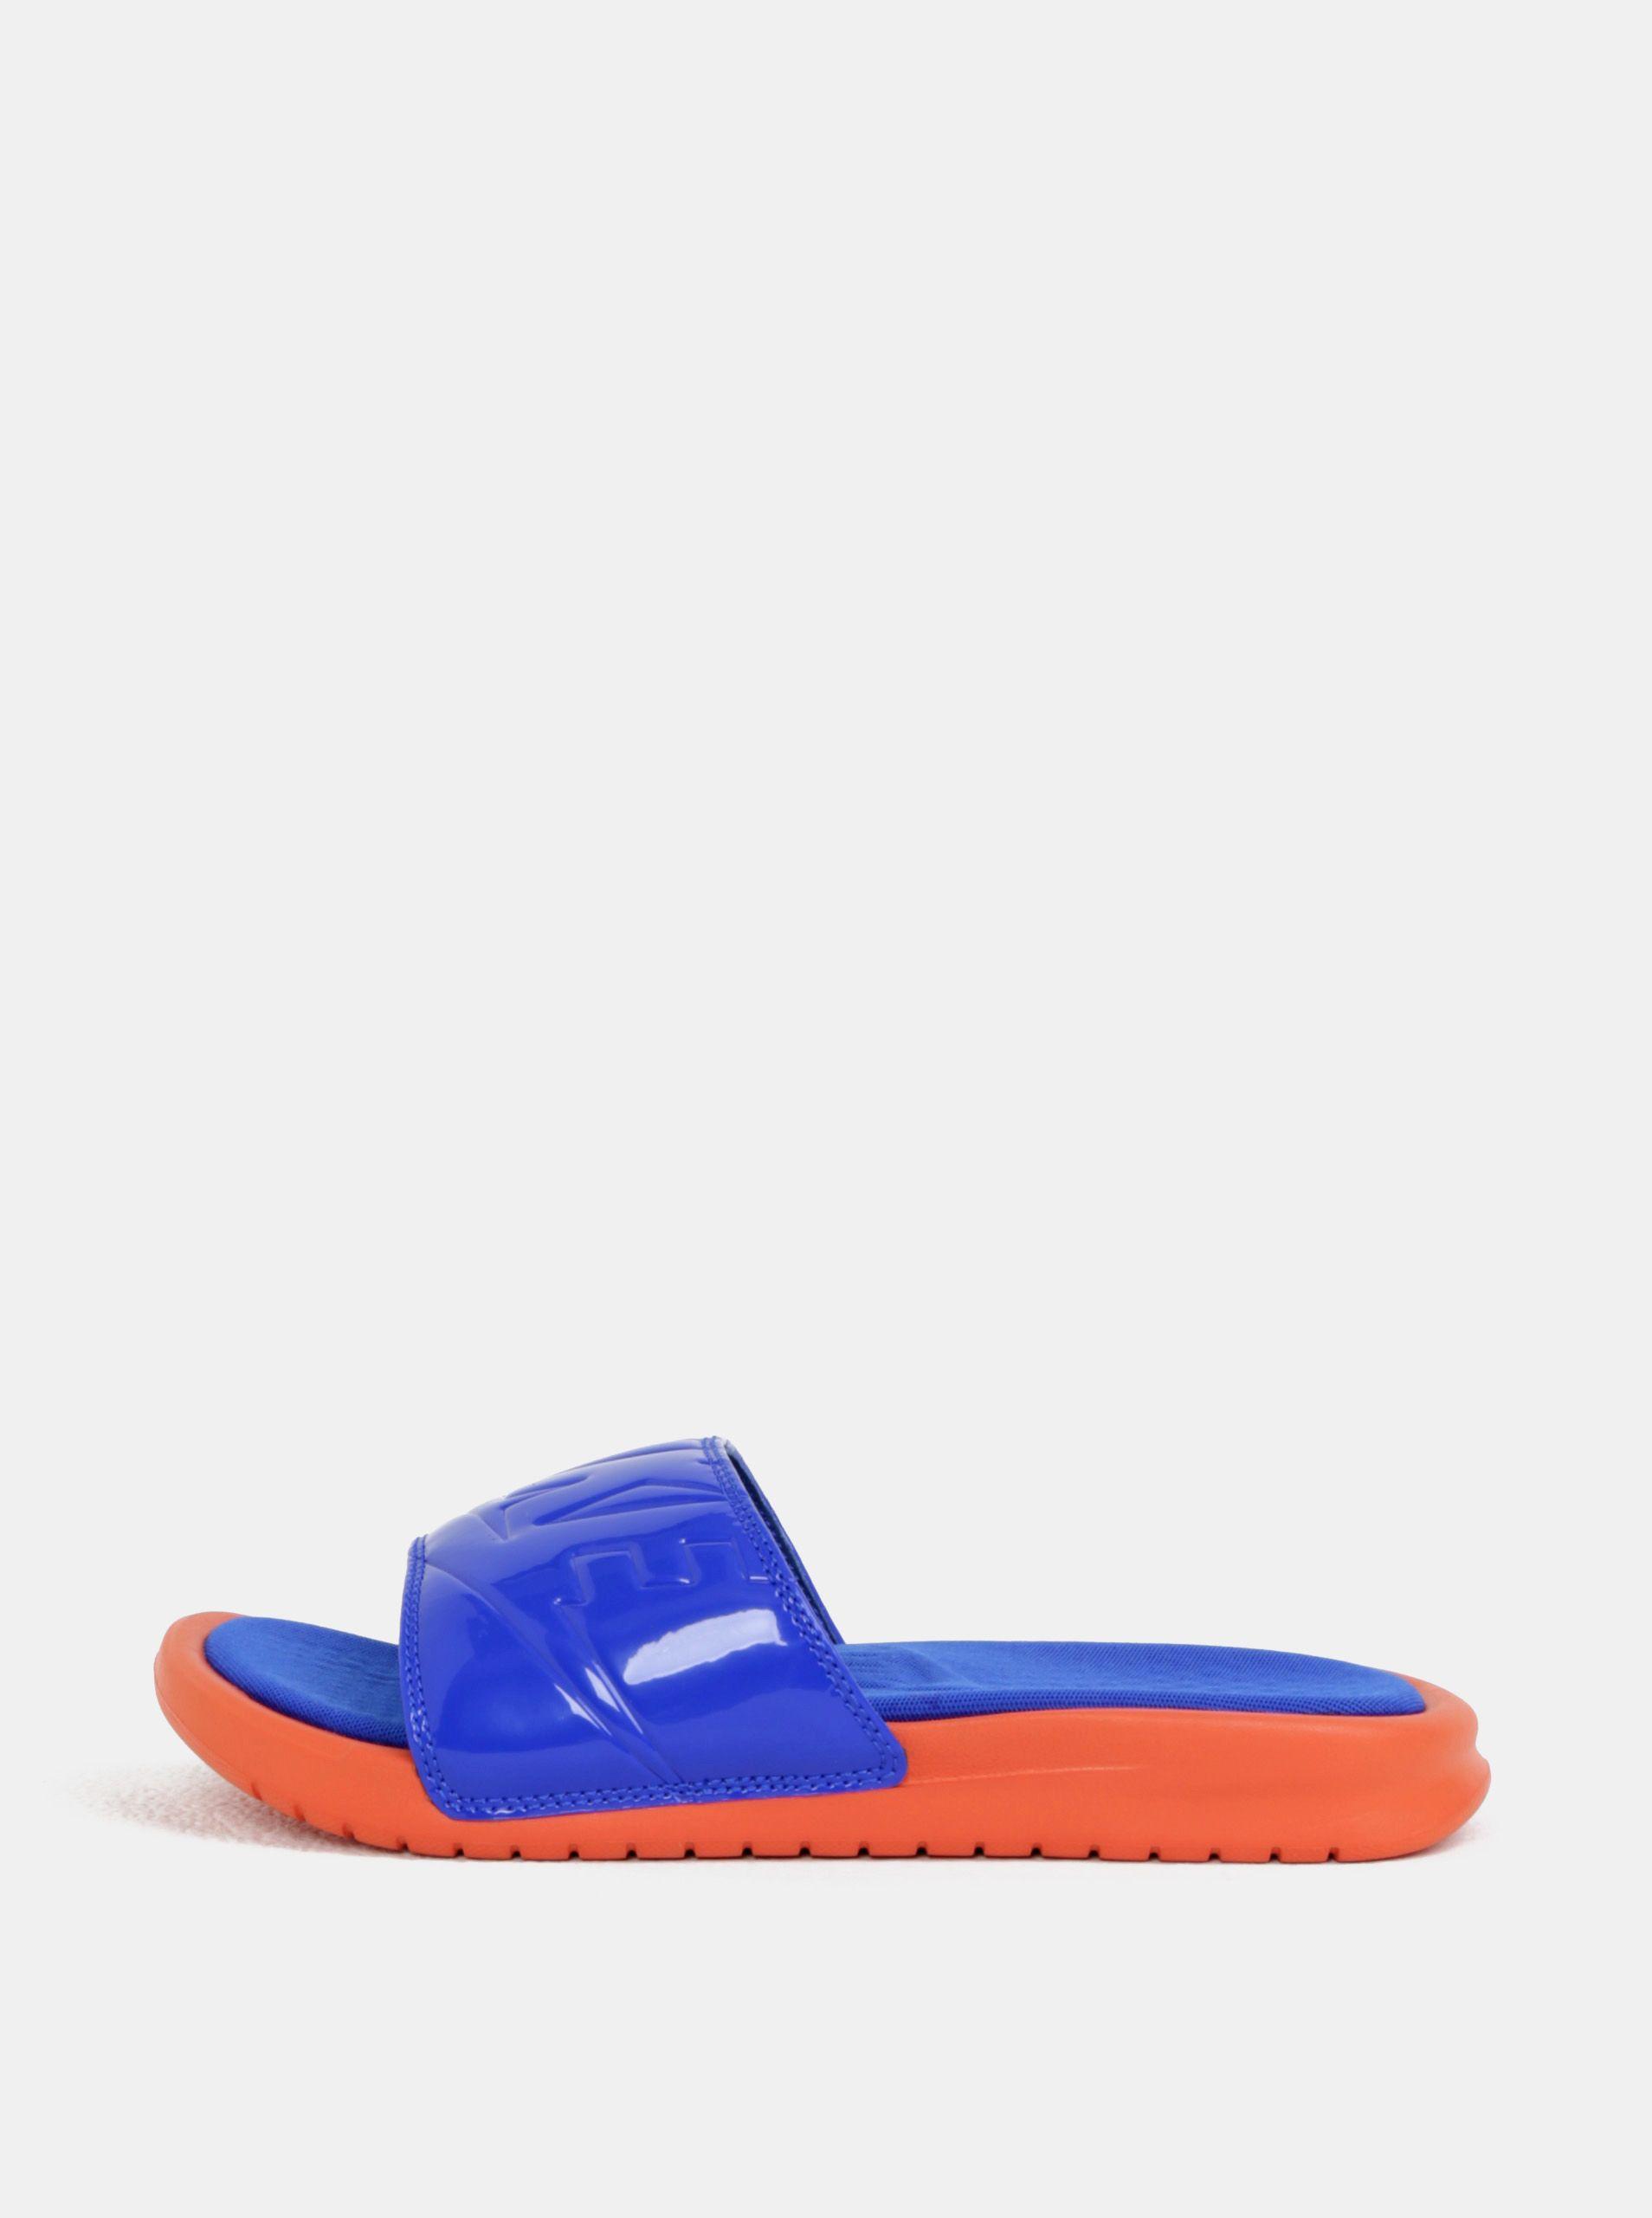 9830abcfcd11 Typ  dámske ľahké šľapky Farba  modrá